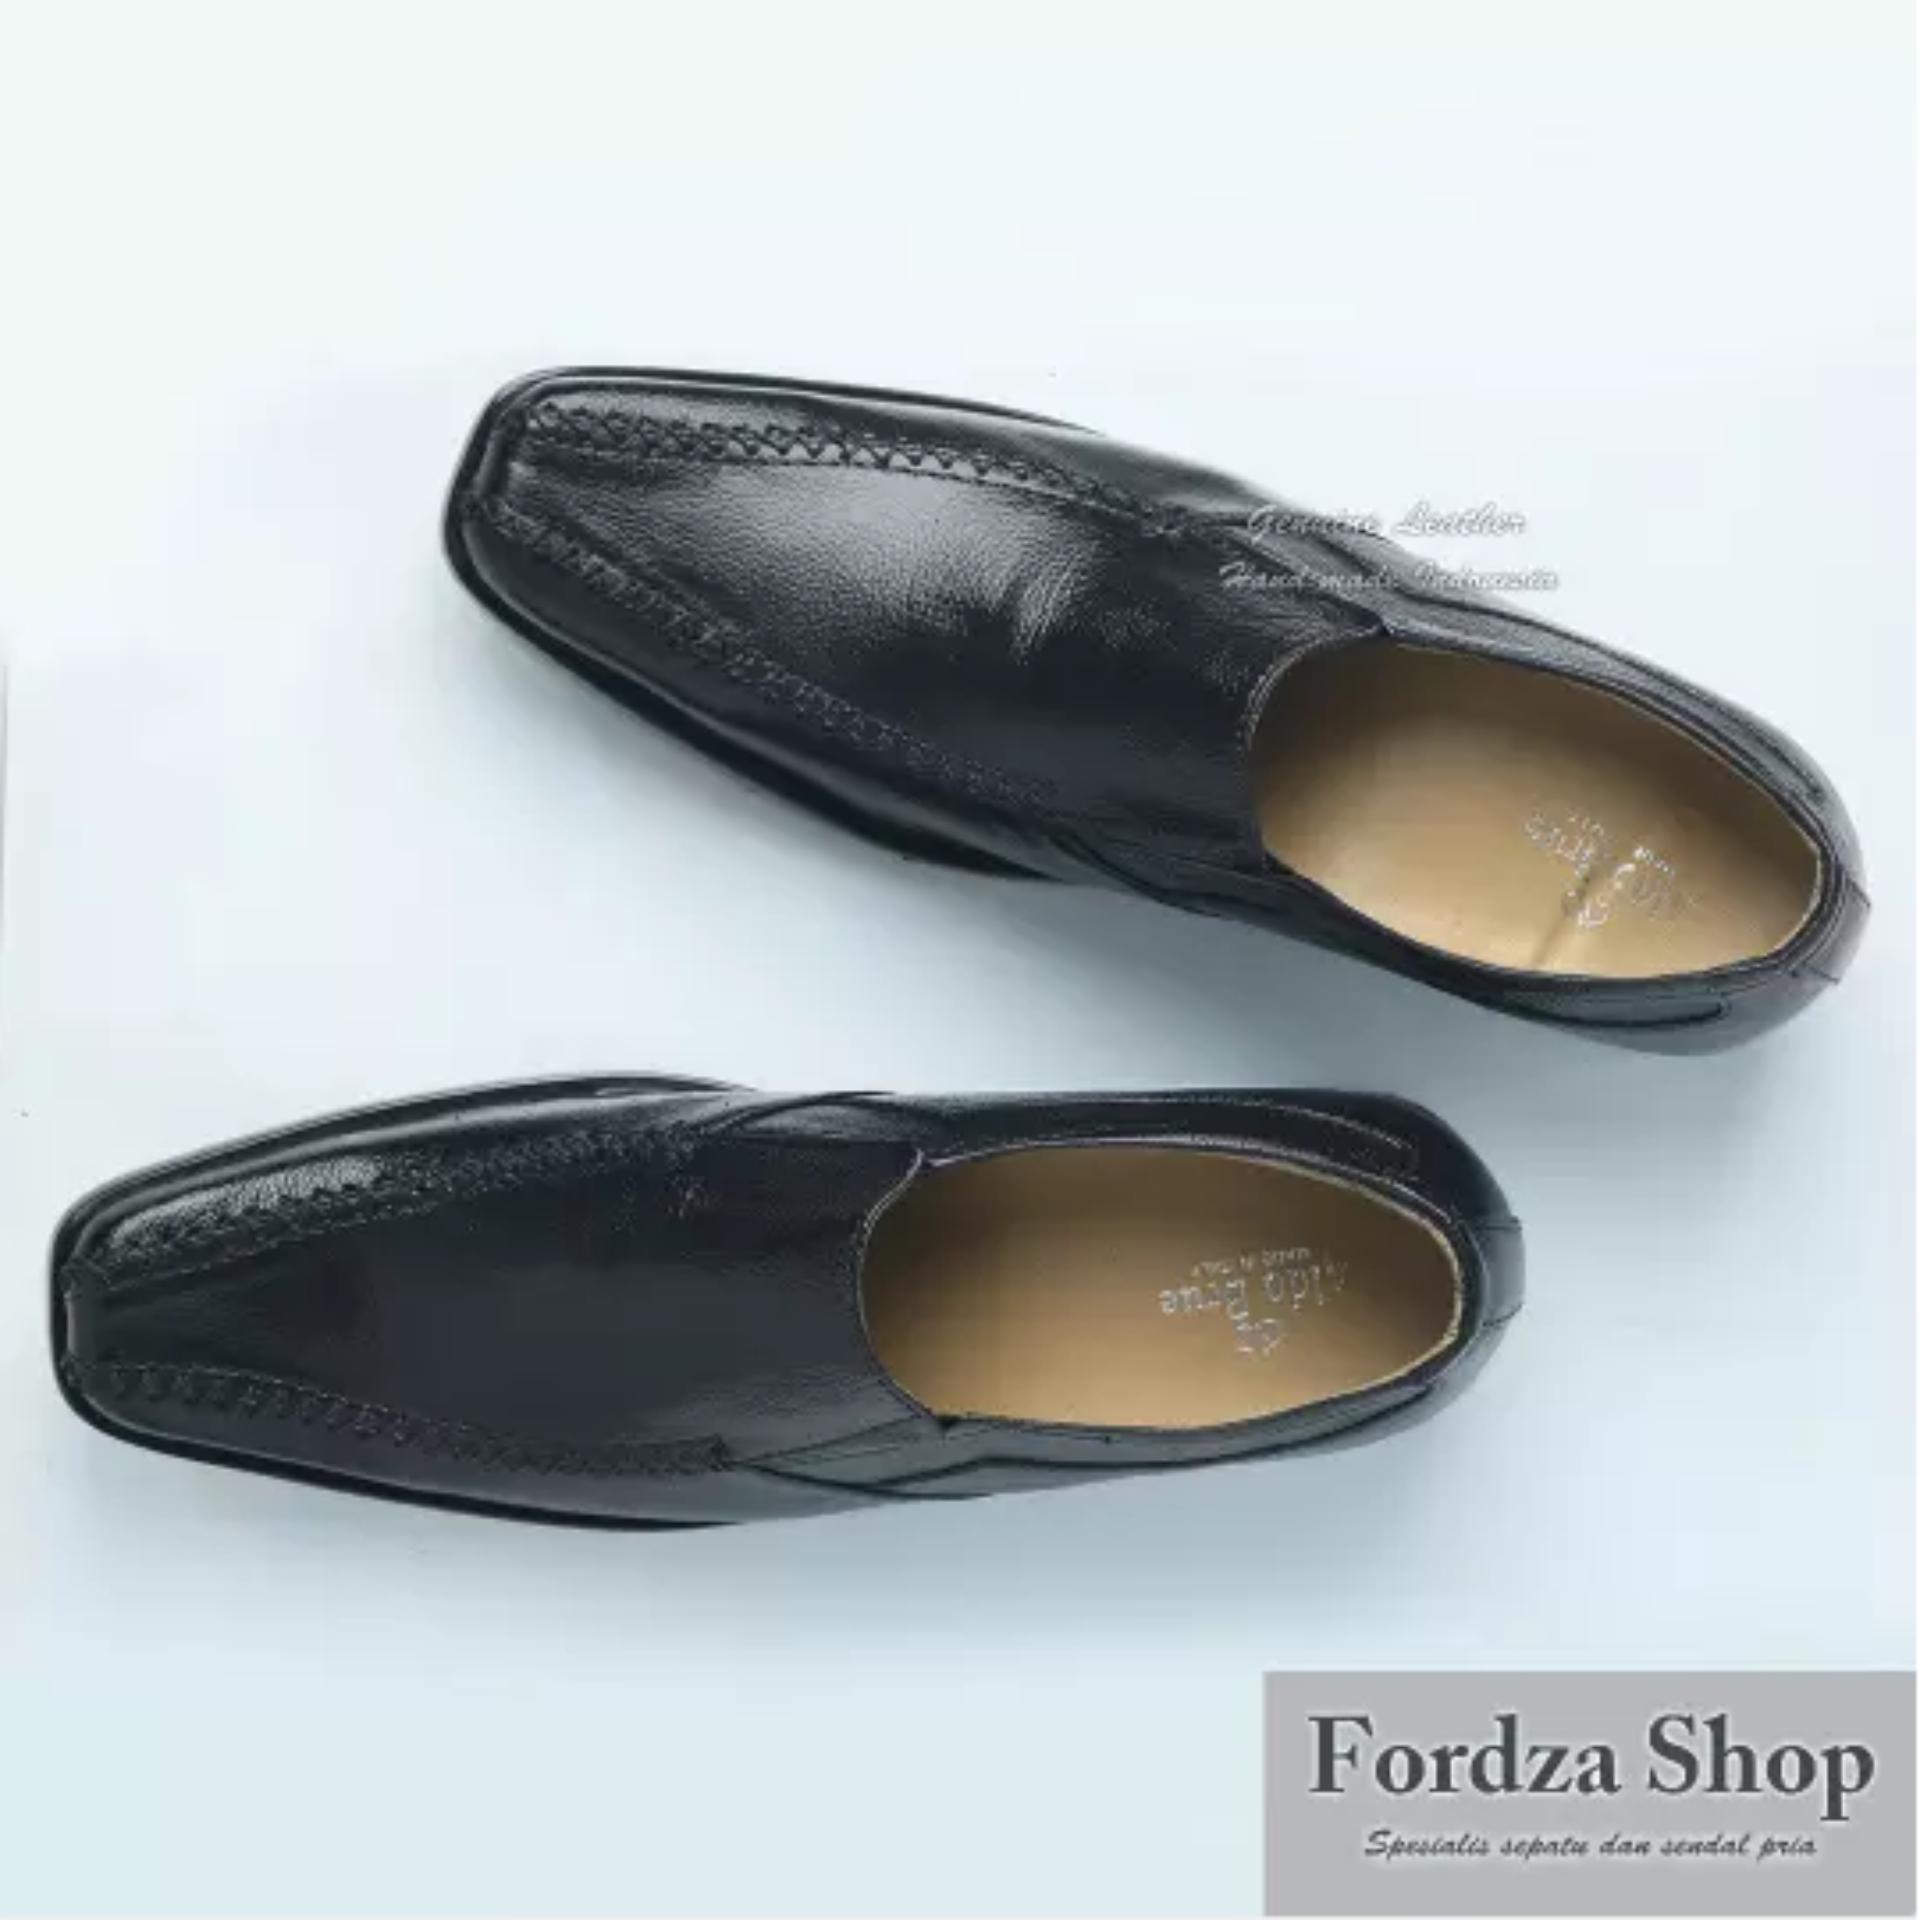 Spatoo Sepatu Pantofel A2 Bahan Kulit Sapi Asli Warna Hitam Untuk ... 9847bbf7b9